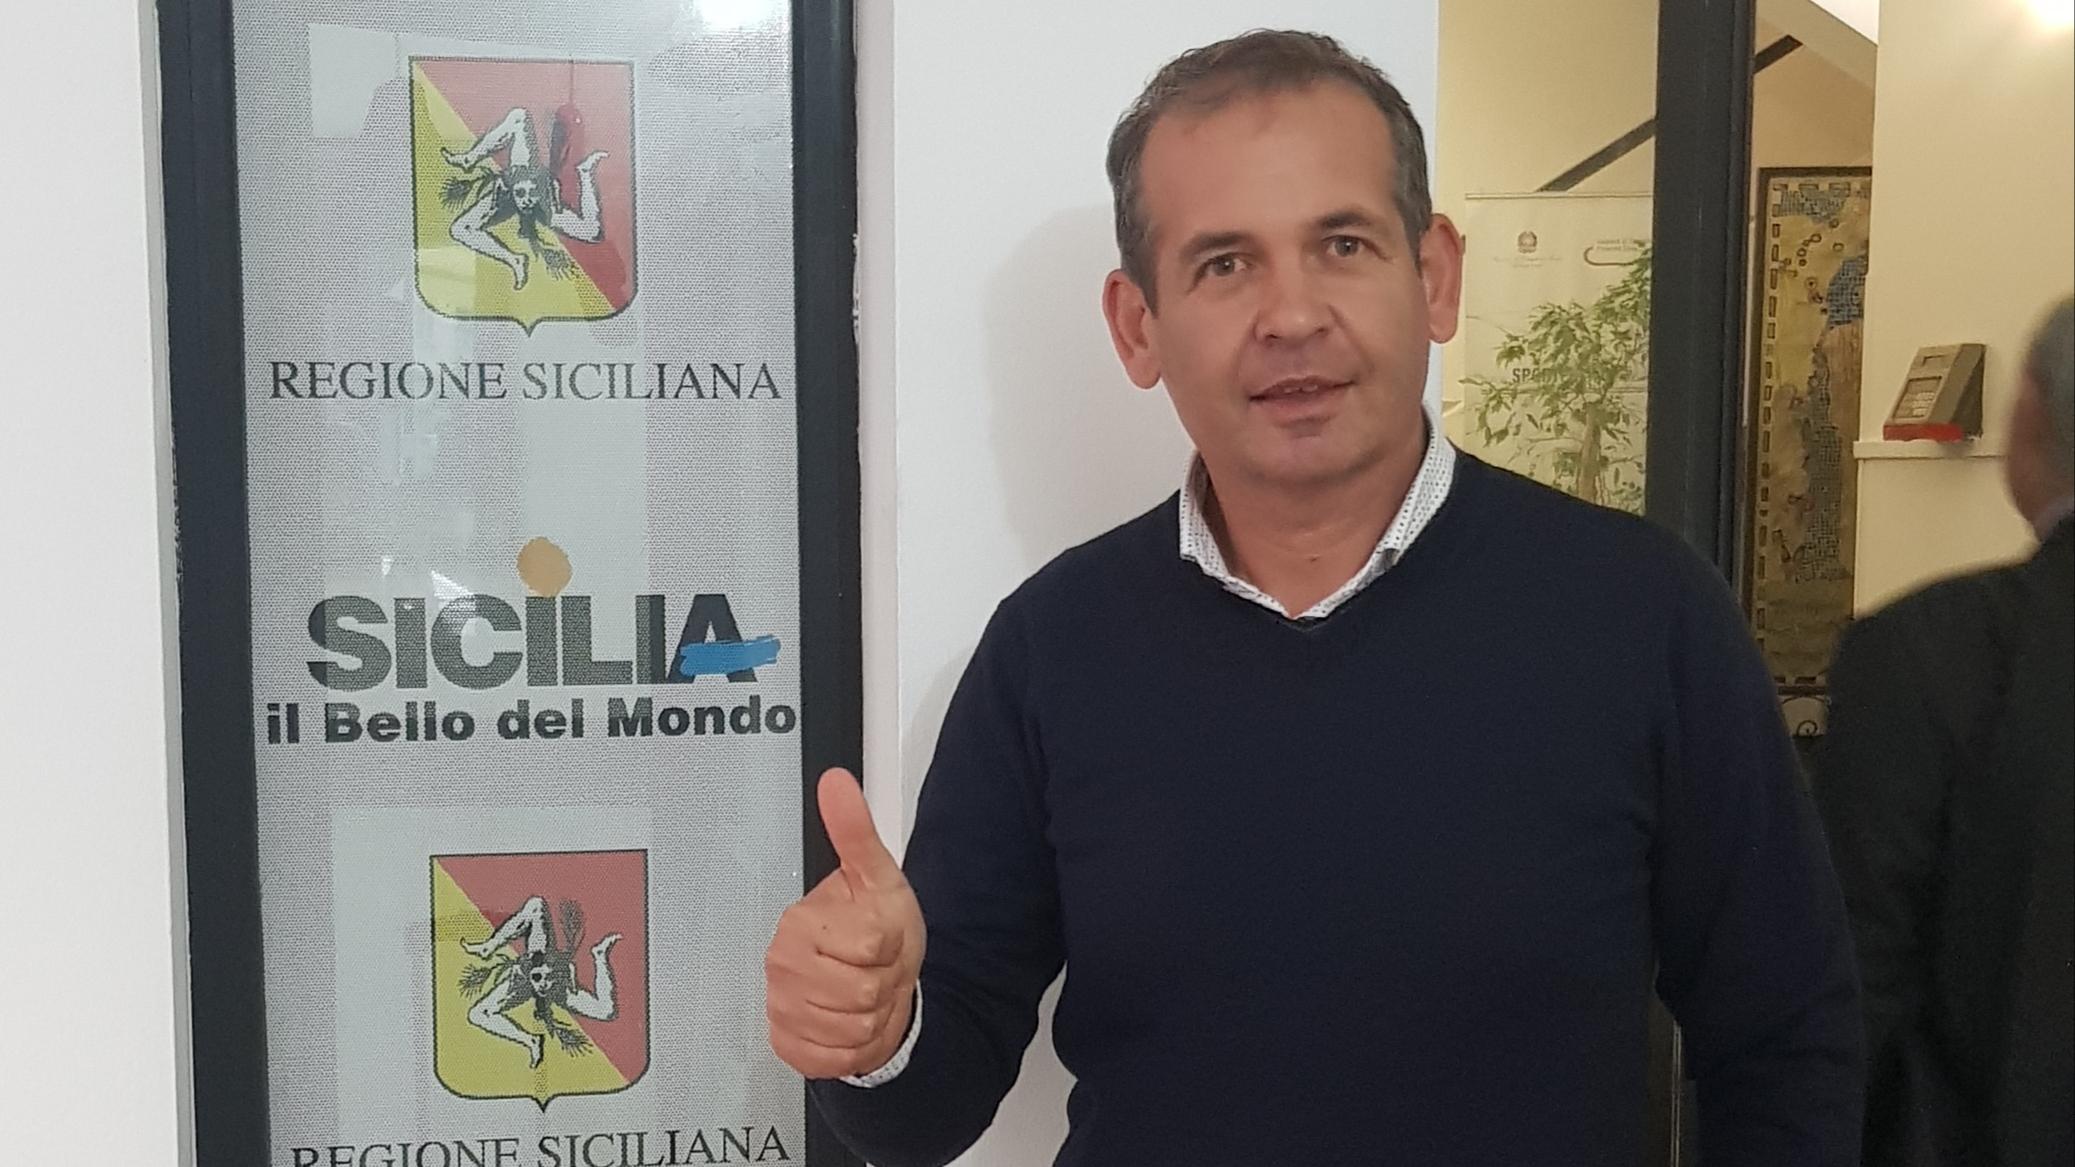 Comuni fioriti: proposte per renderli un'attrazione turistica vincente per tutta la Sicilia